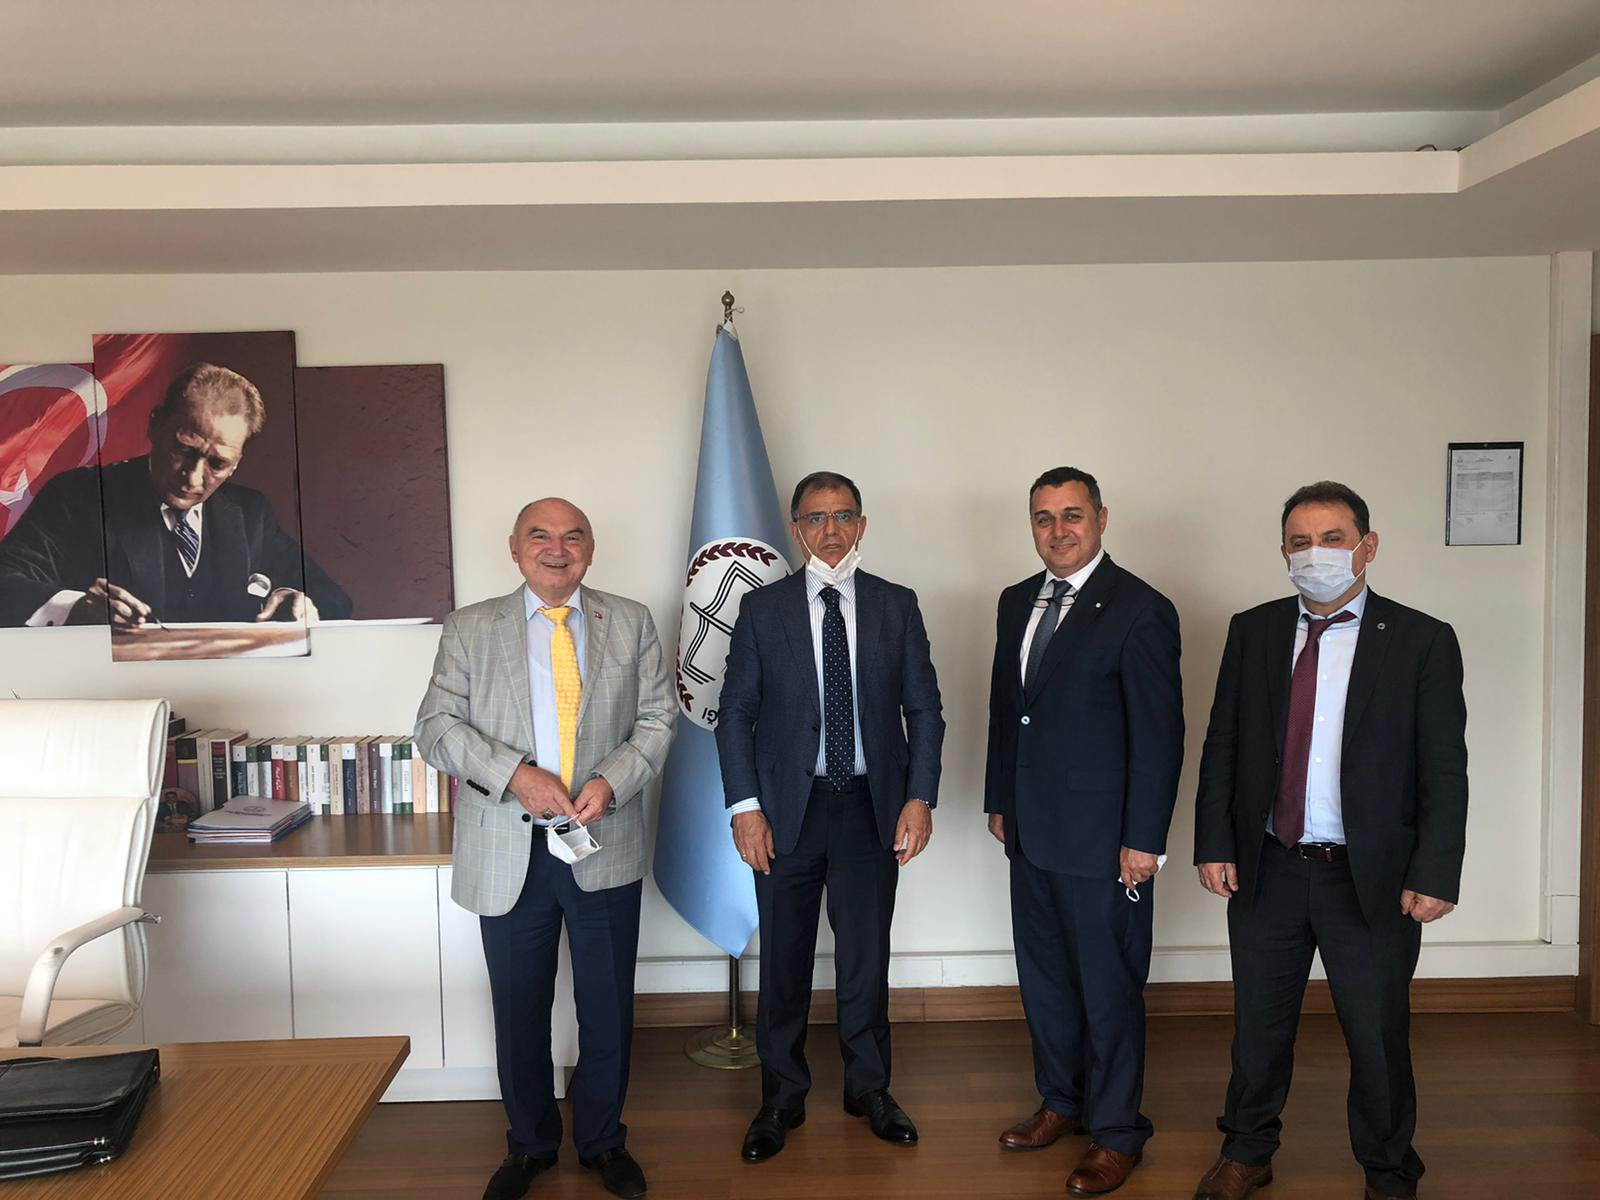 Yönetim Kurulu Başkanımız ve üyelerimiz, Milli Eğitim Bakanlığı Özel Öğretim Kurumunu ziyaret ettiler